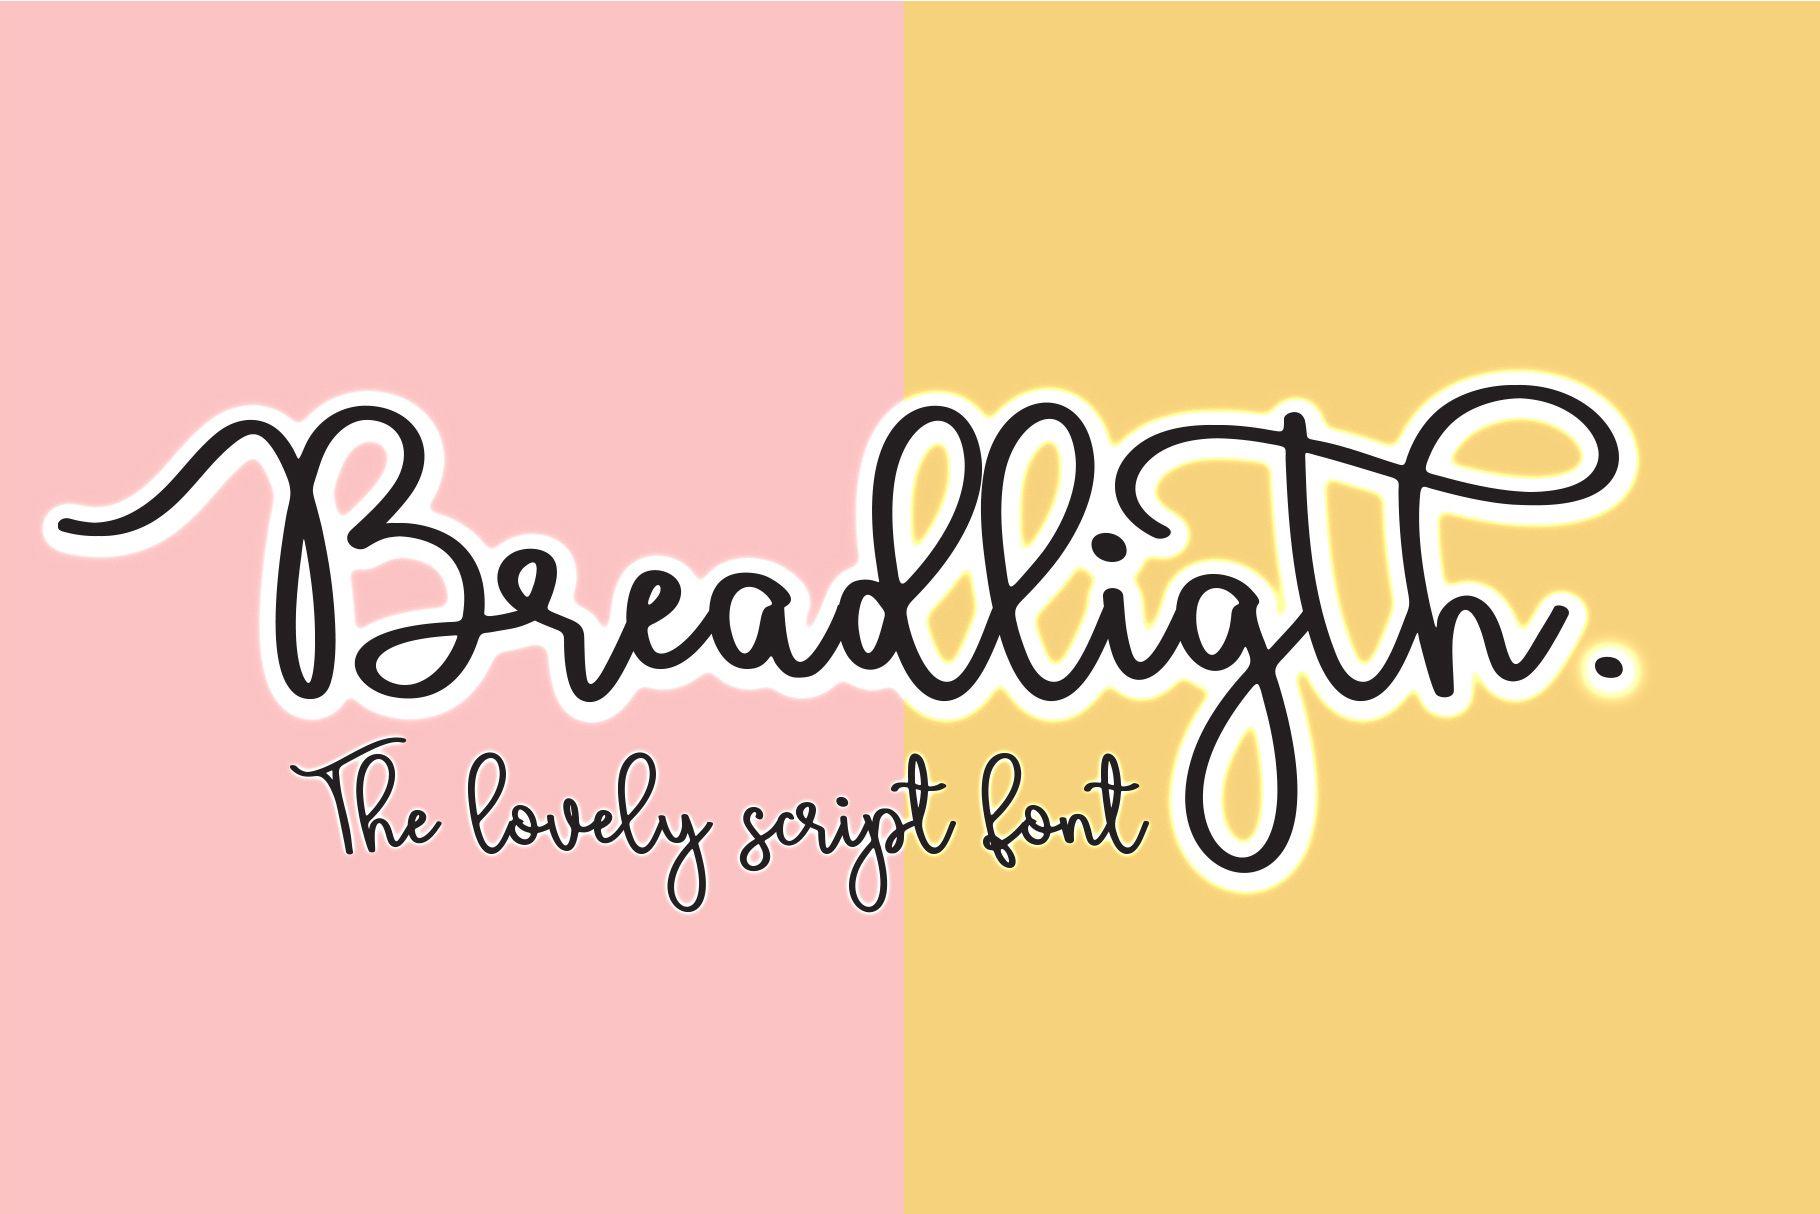 Bread ligth